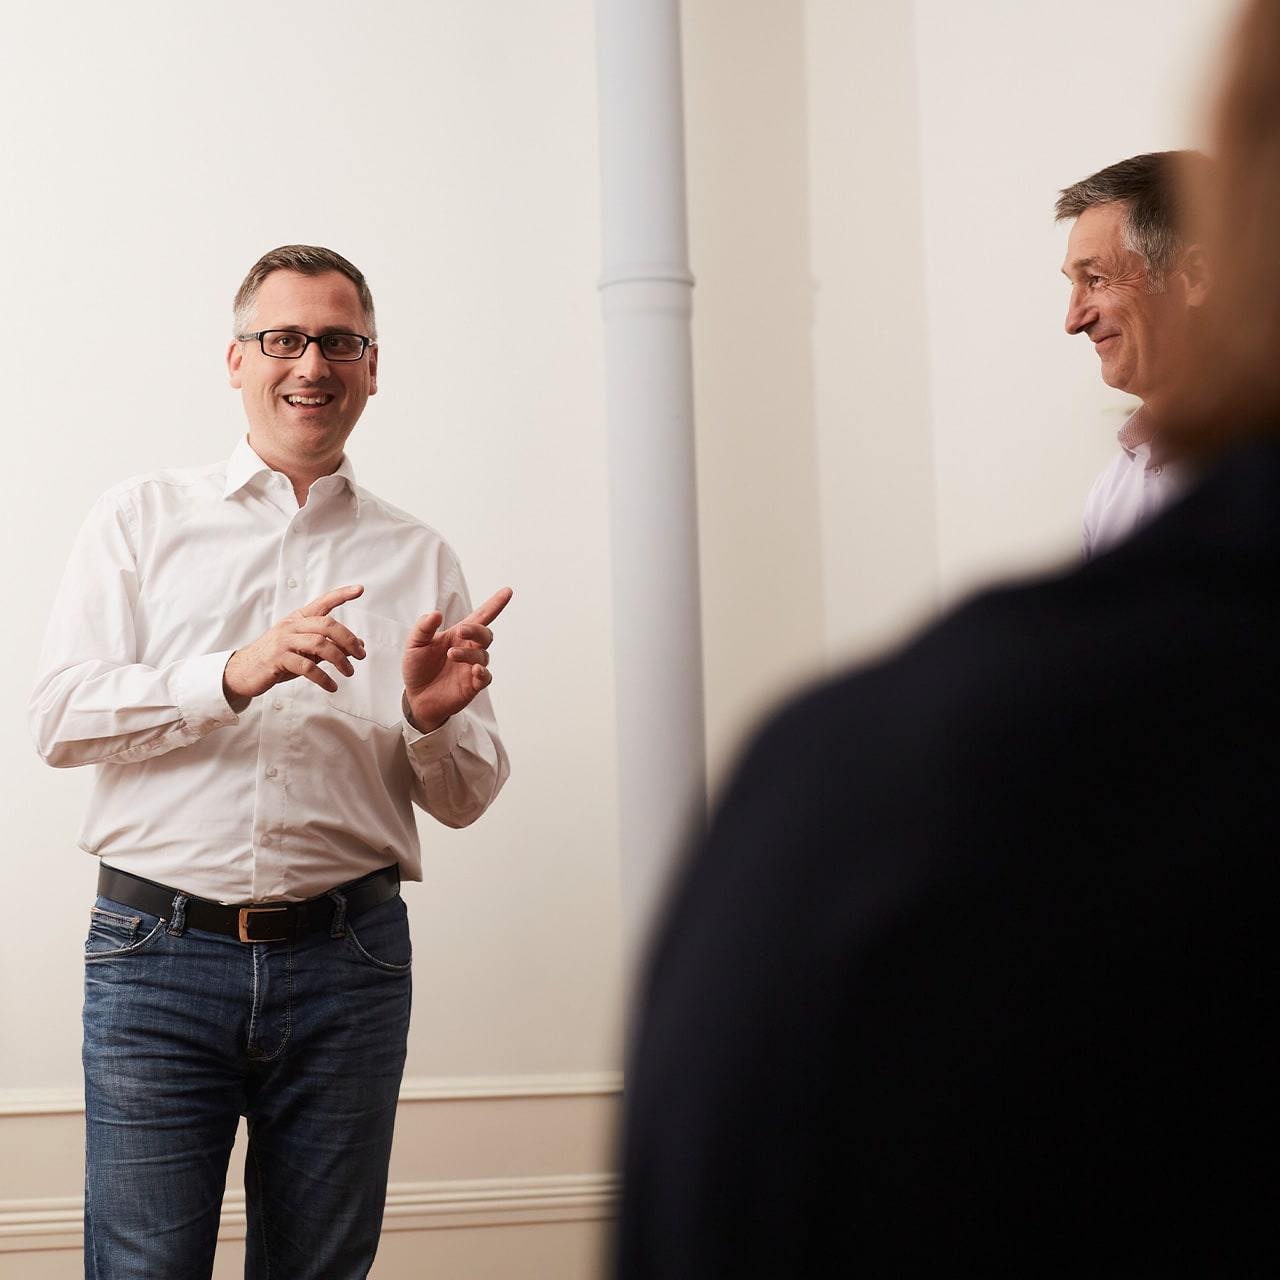 Teilnehmer eines Storytelling Workshops von Michael Geerdts lernt spanned zu präsentieren